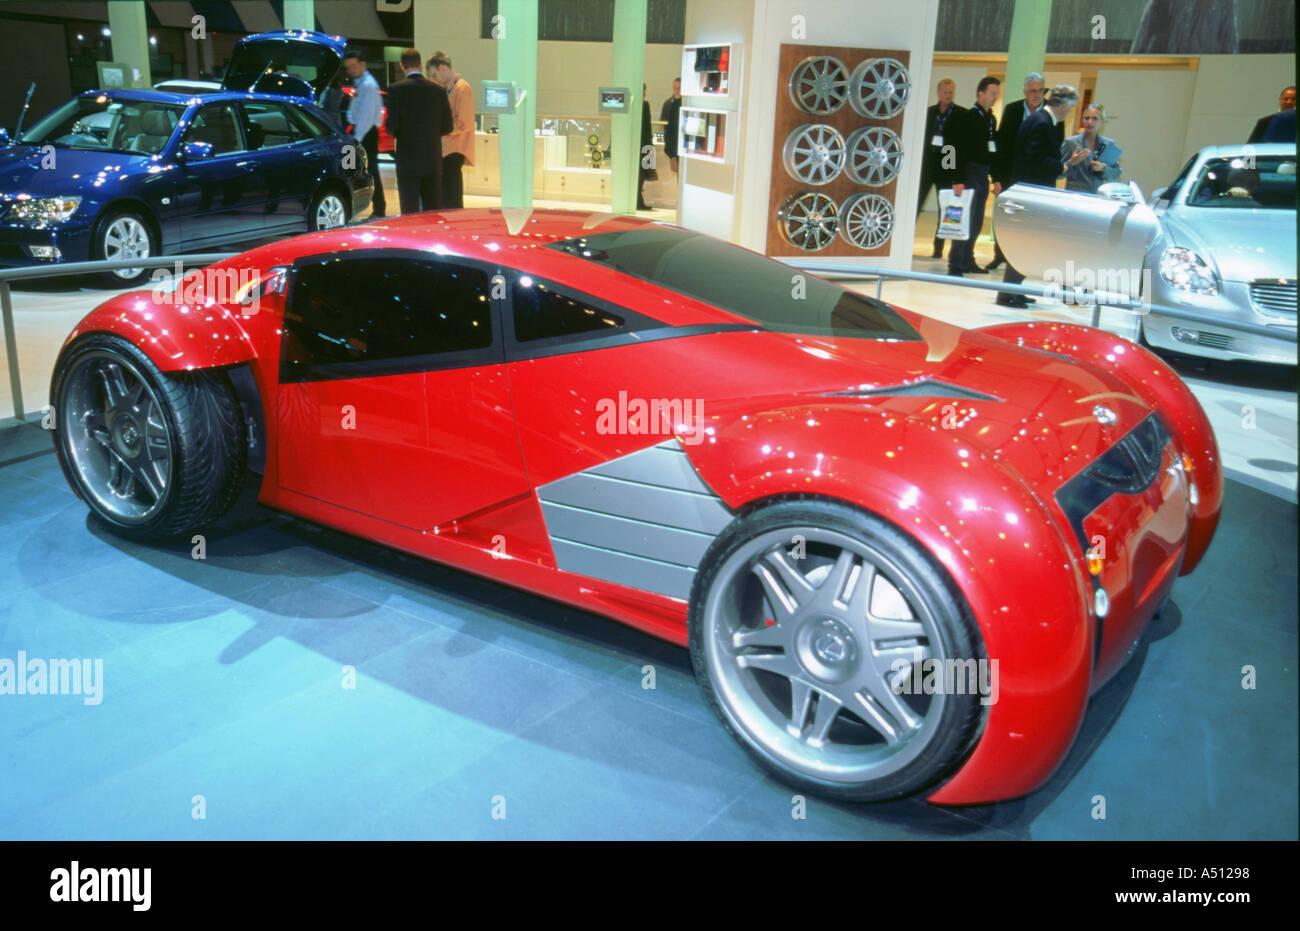 2002 Lexus concept car elettrica utilizzata nella relazione di minoranza film Immagini Stock